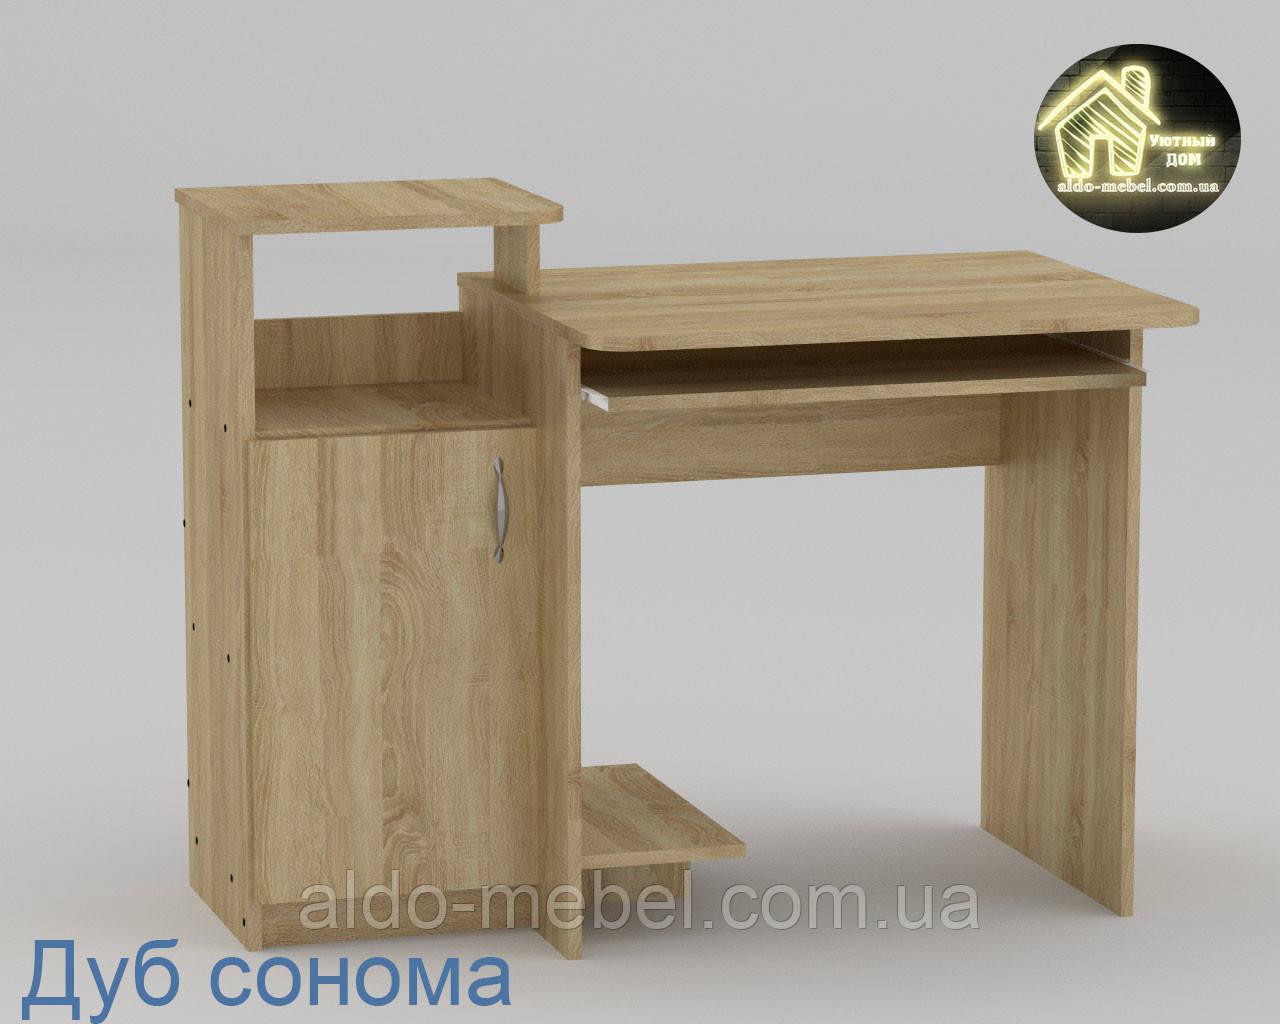 Стол компьютерный СКМ - 2 Габариты Ш - 1102 мм; В - 750 + 116 мм; Г - 600 мм (Компанит)